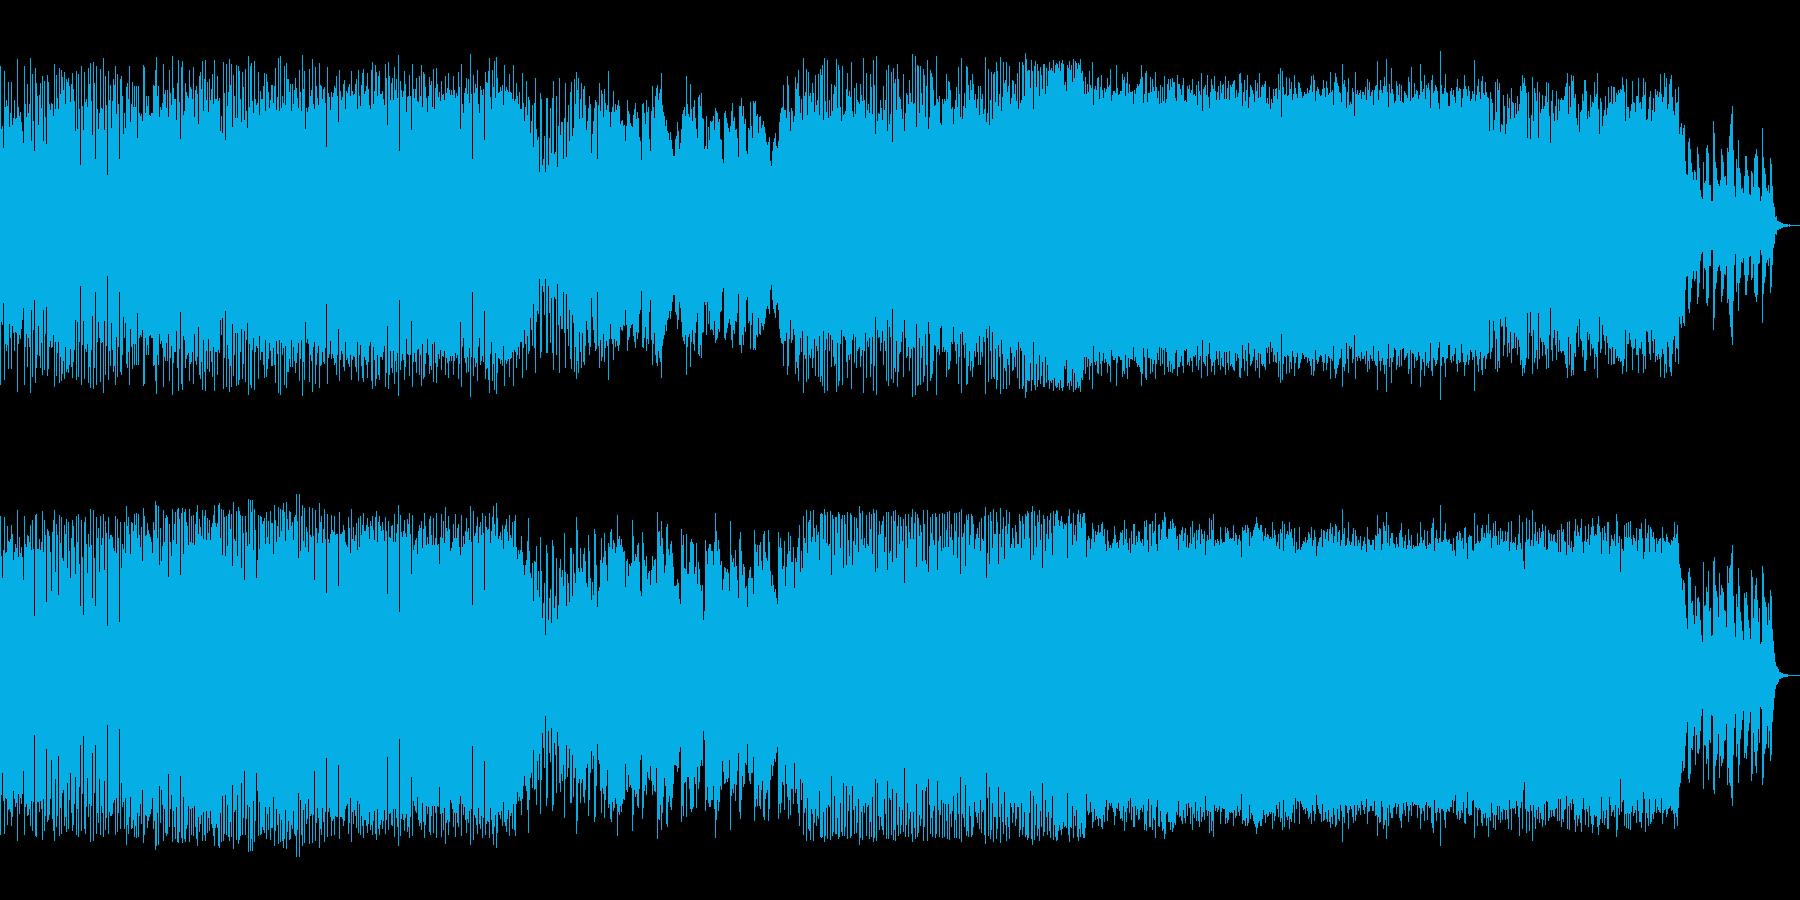 切ないメロディが印象的なダンス音楽の再生済みの波形